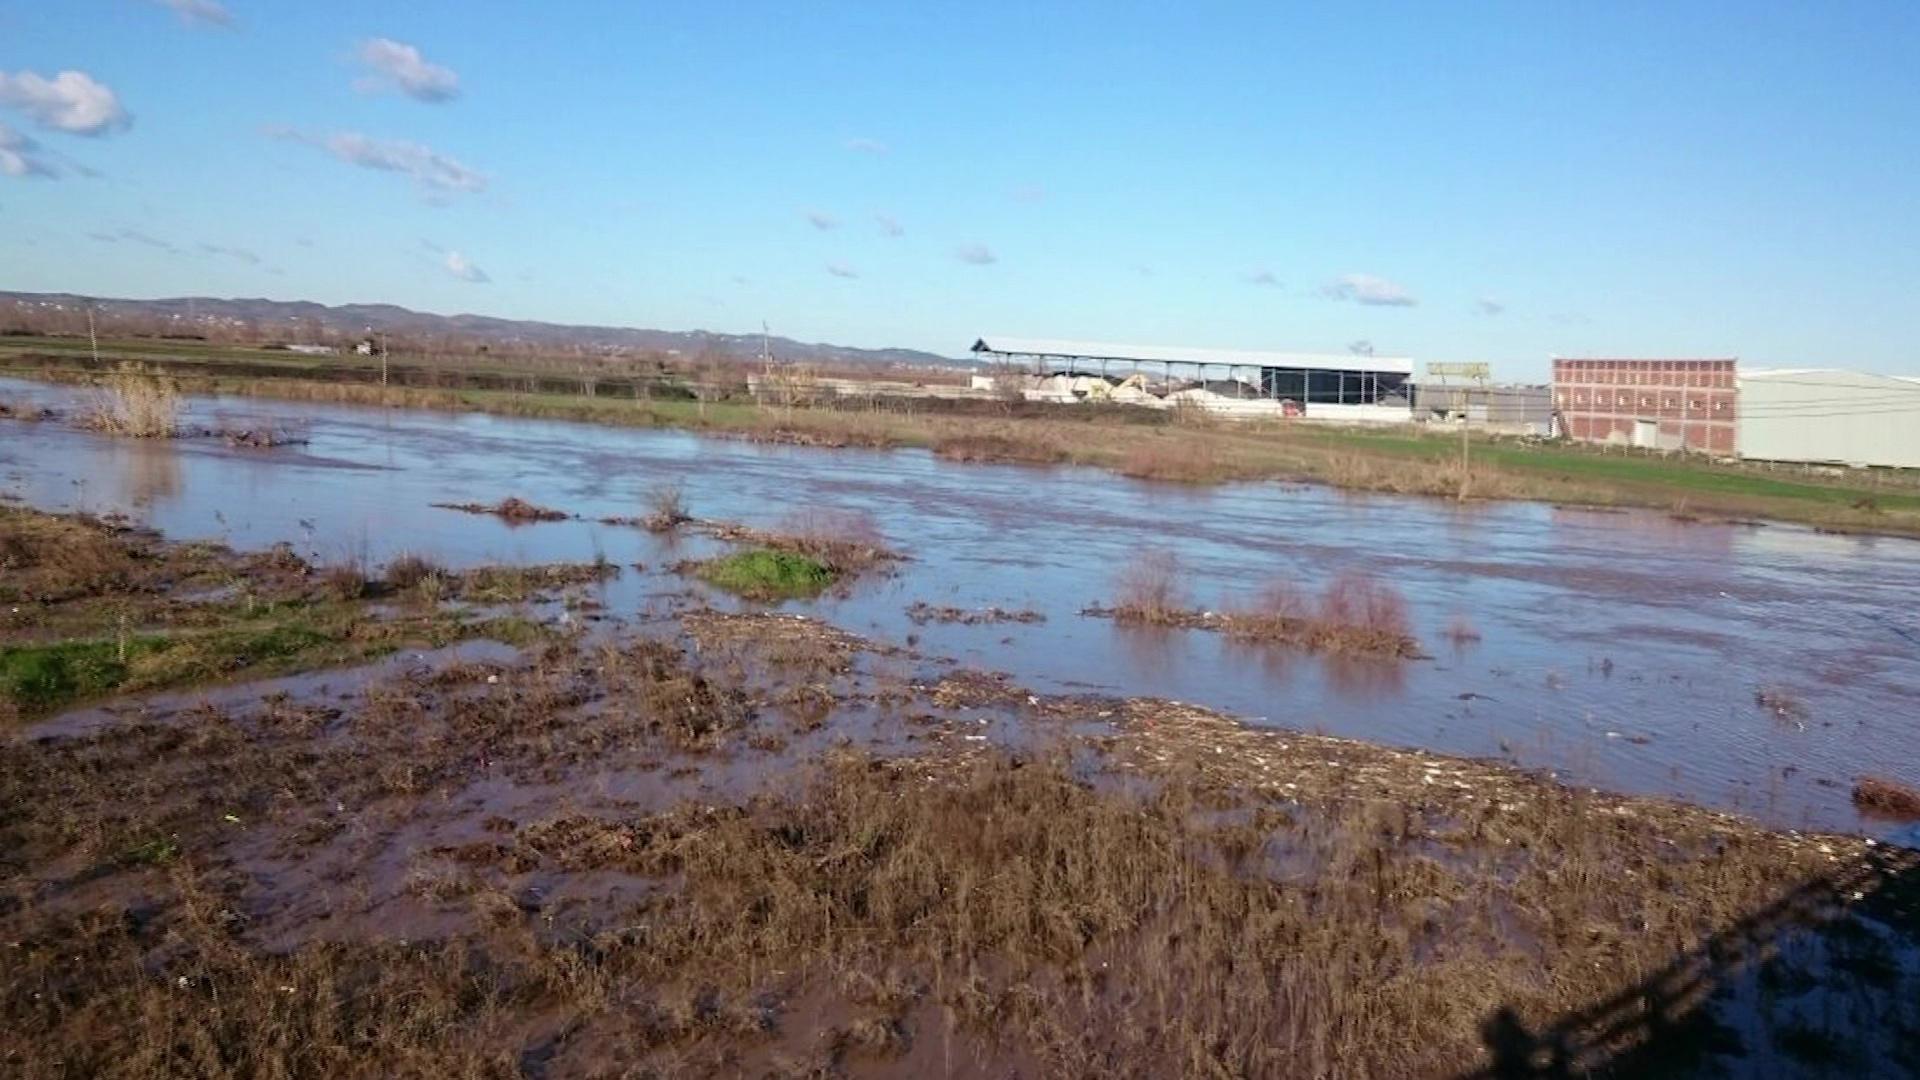 Shkumbini del nga shtrati tek ura e Rrogozhinës dhe përmbyt toka bujqësore